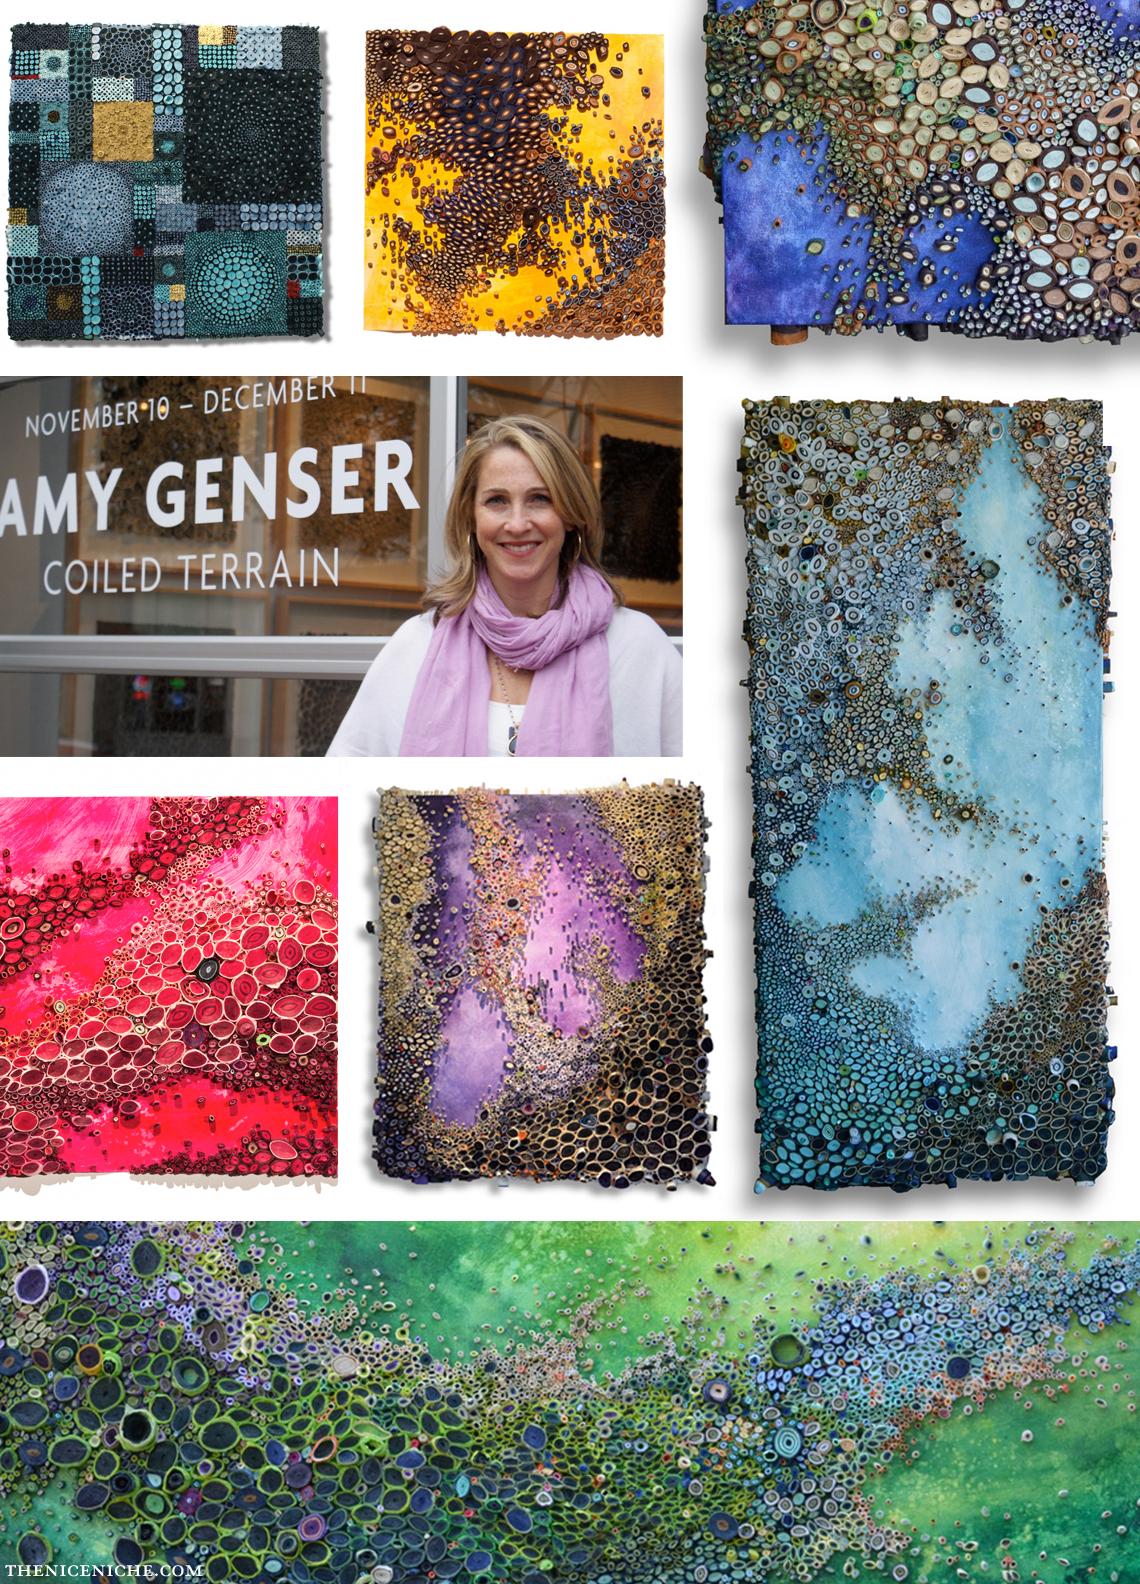 Amy Genser Nice Niche Feature